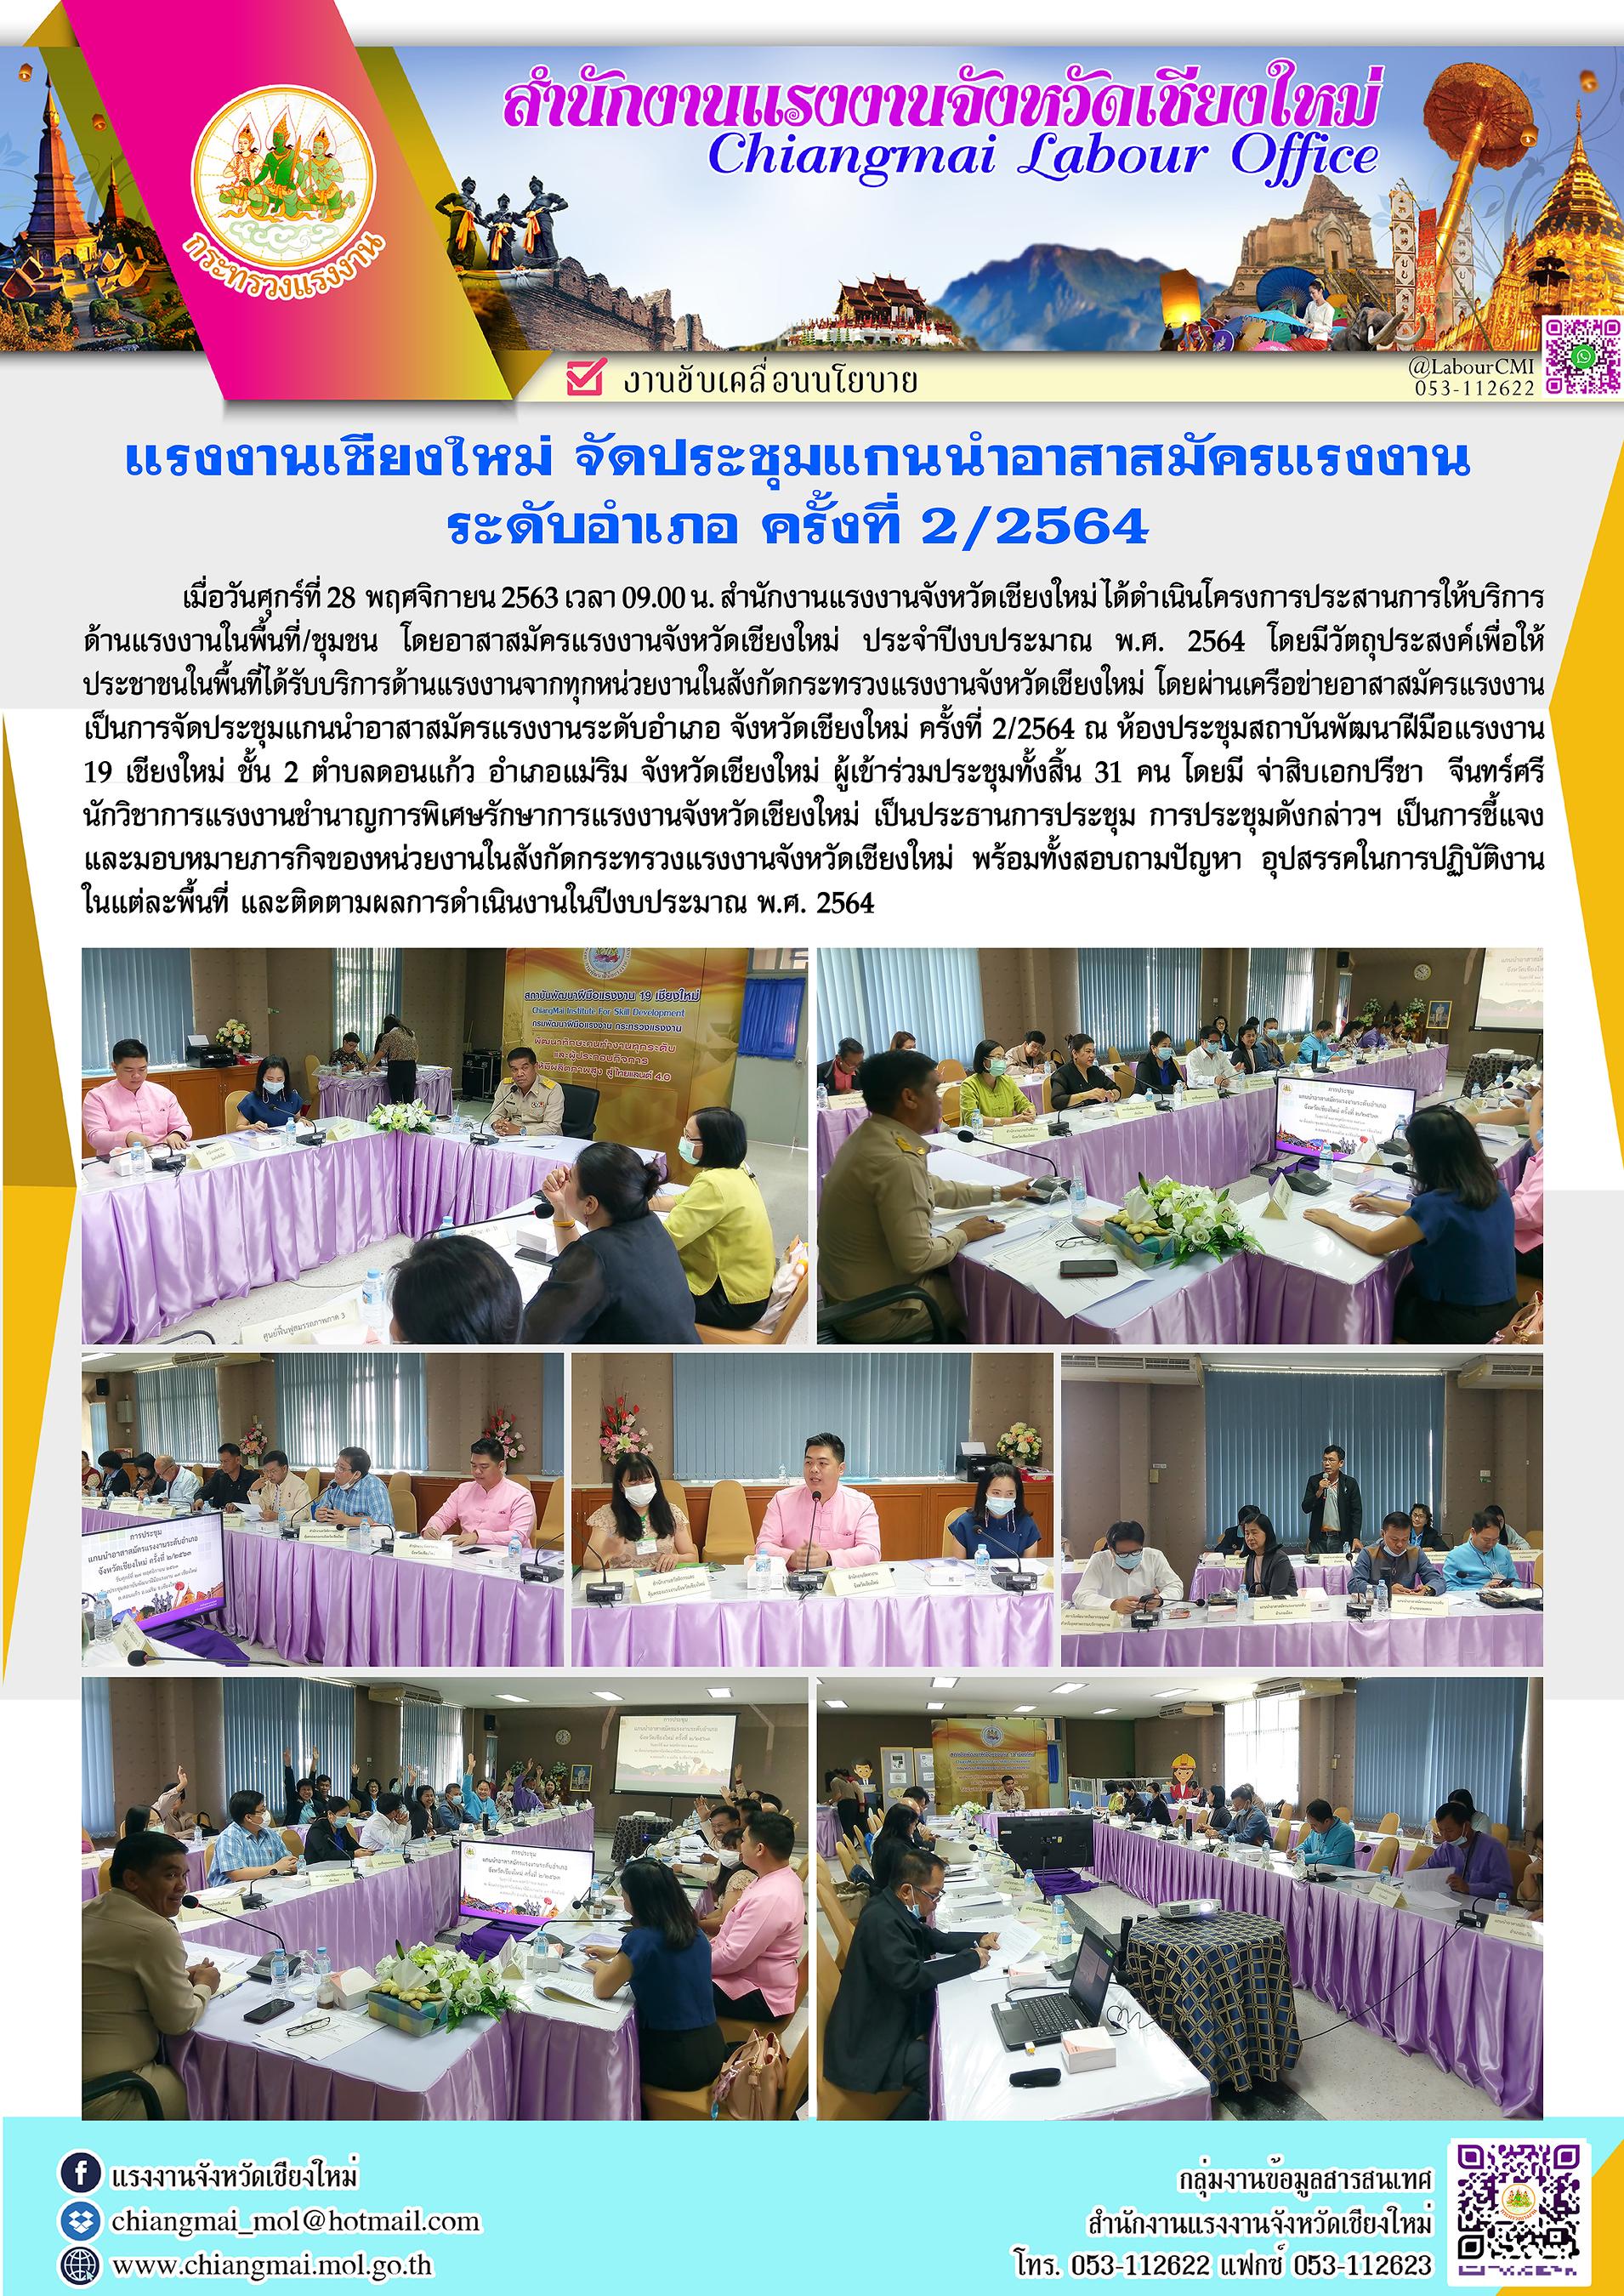 เชียงใหม่ จัดประชุมแกนนำอาสาสมัครแรงงานแรงงานระดับอำเภอ ครั้งที่ 2/2564